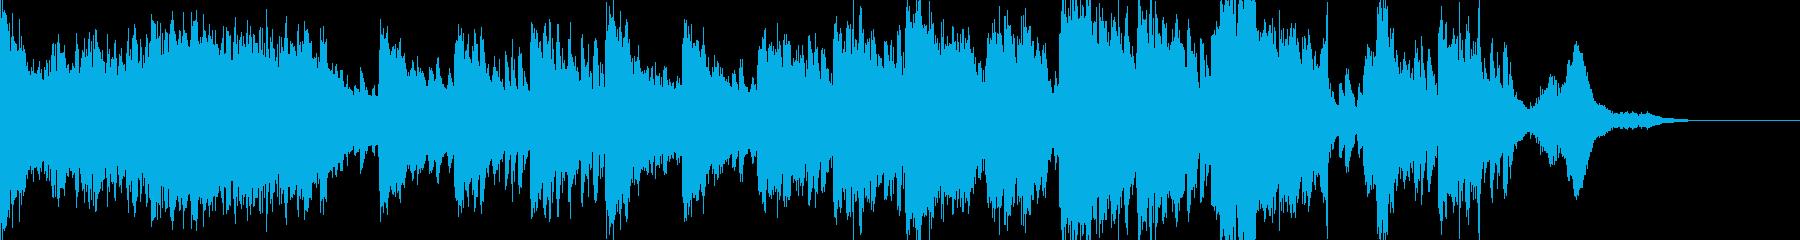 ピアノの和風テイスト激怖ホラーの再生済みの波形